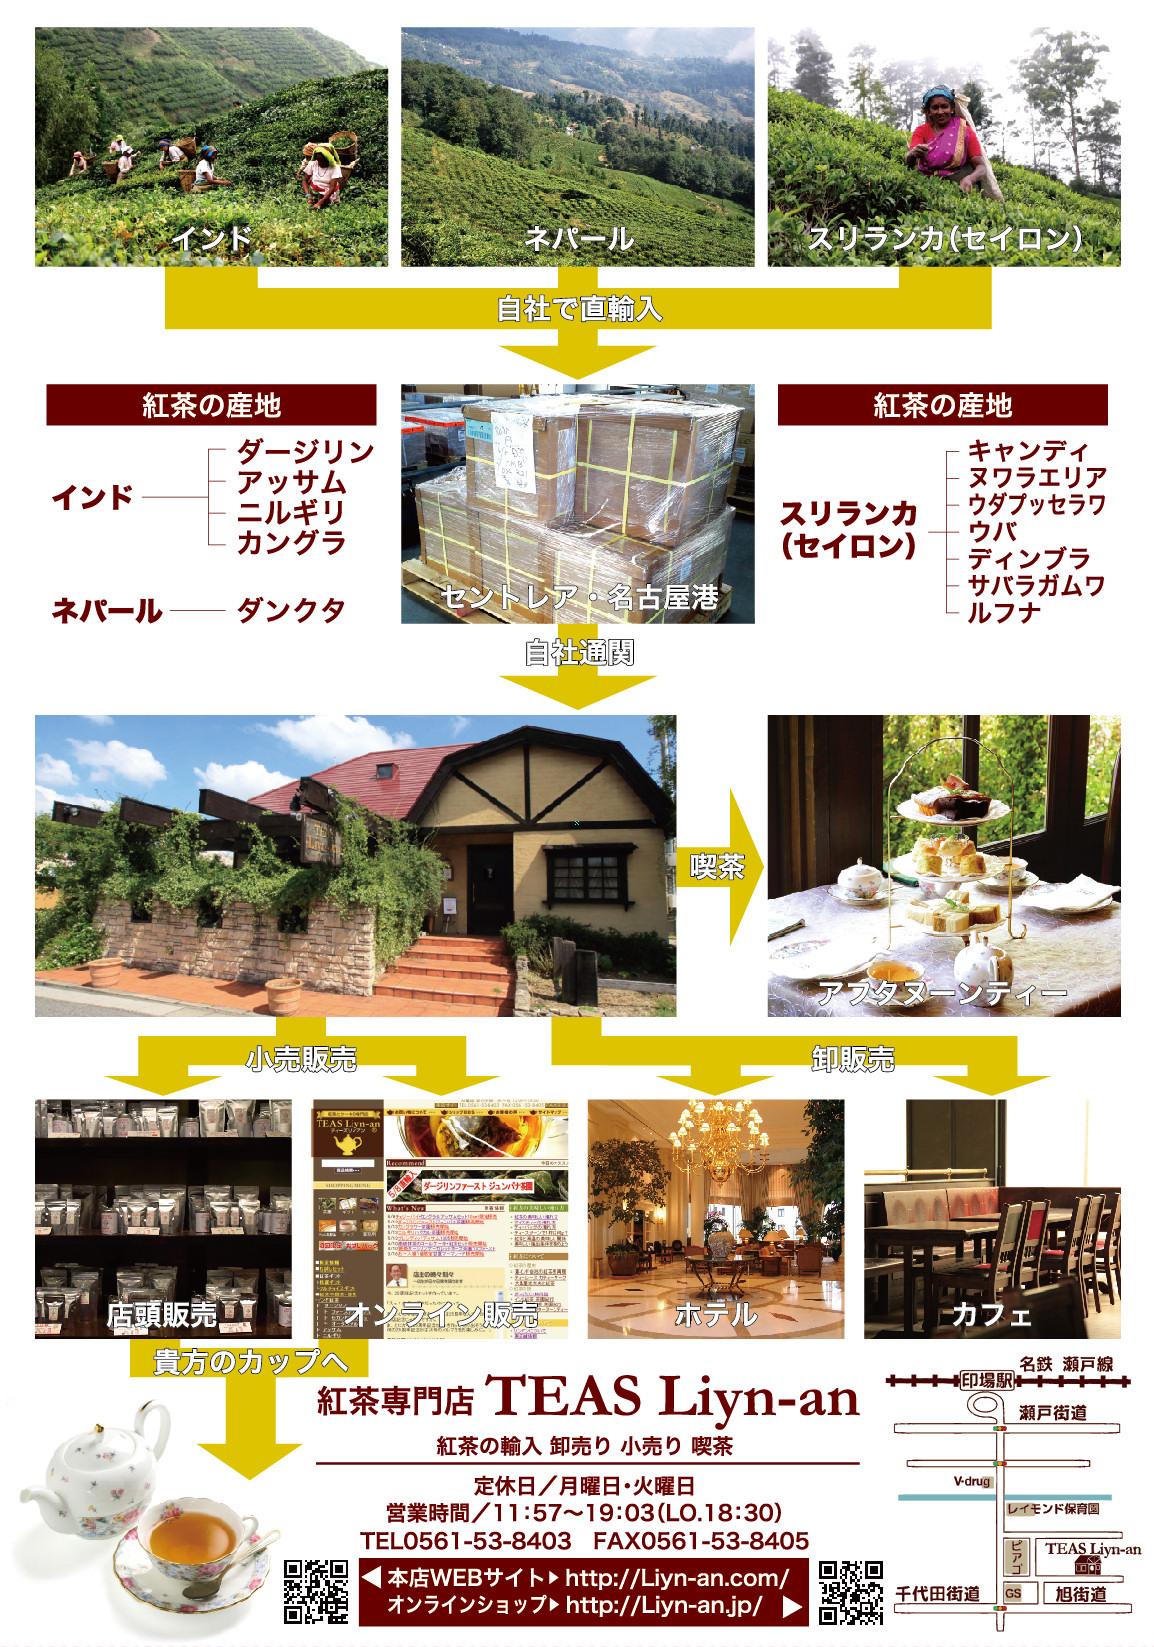 リンアンは紅茶の産地まで出かけ、自社輸入、小売り、卸し売り、喫茶まで手が手掛ける紅茶の専門店です。